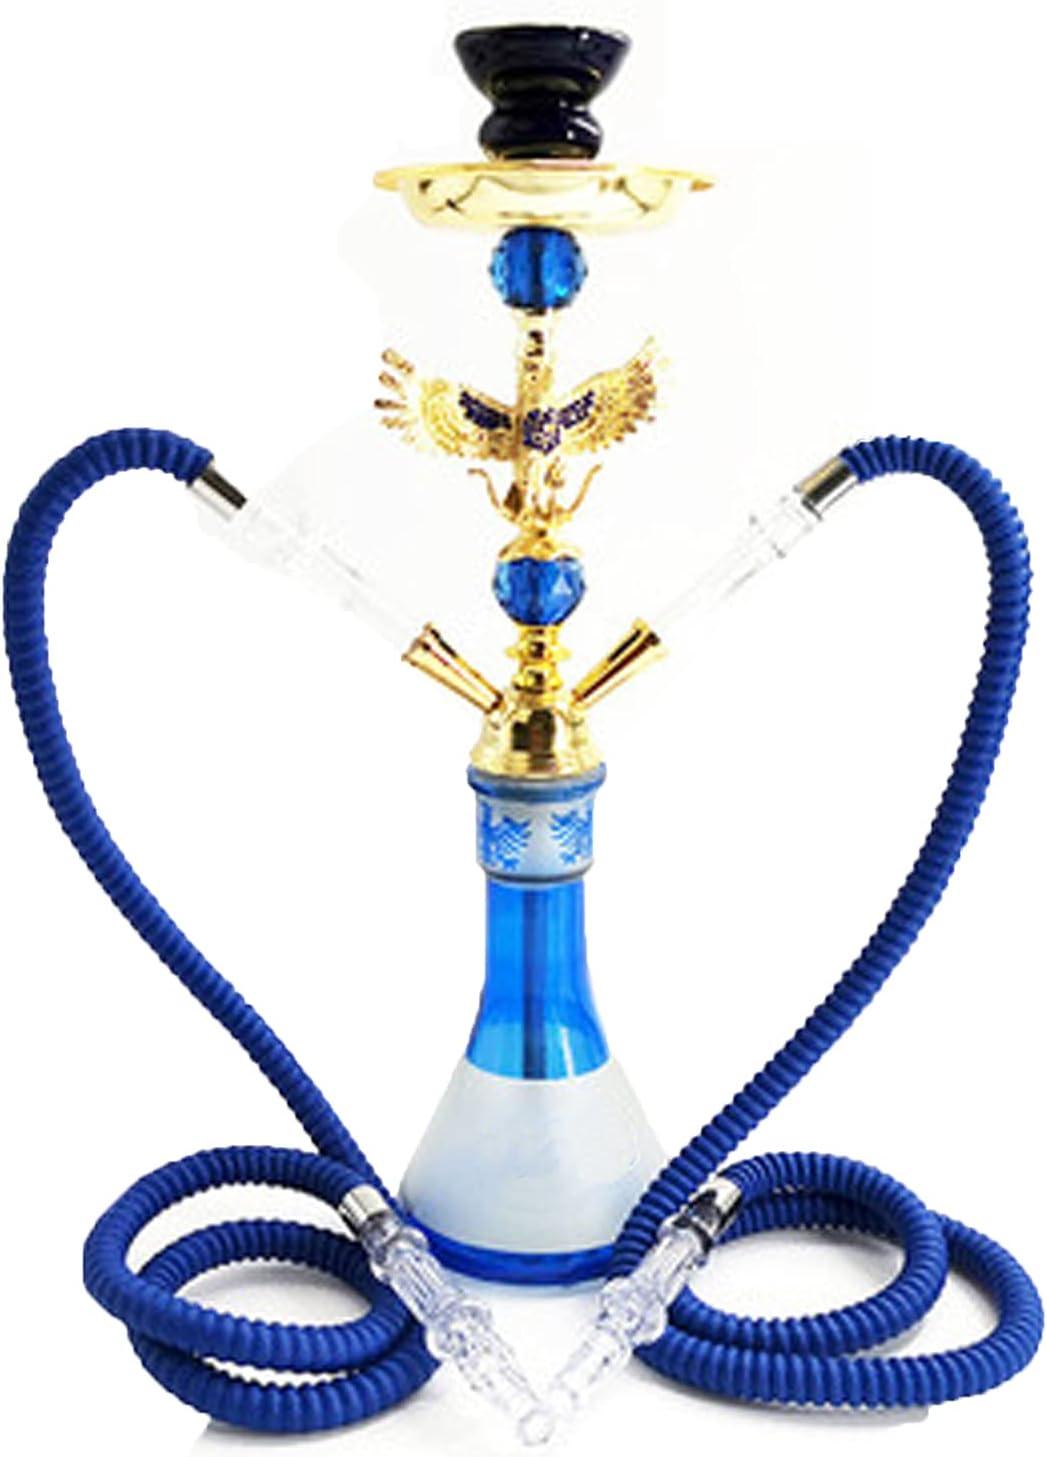 Juego de Nariz de acrílico Conjunto de narguile acrílico, Conjunto de Tubos de Cigarrillo de Agua Khalil Mamoon Bar Double Arabic Smoke Forma águila águila Hookah pa